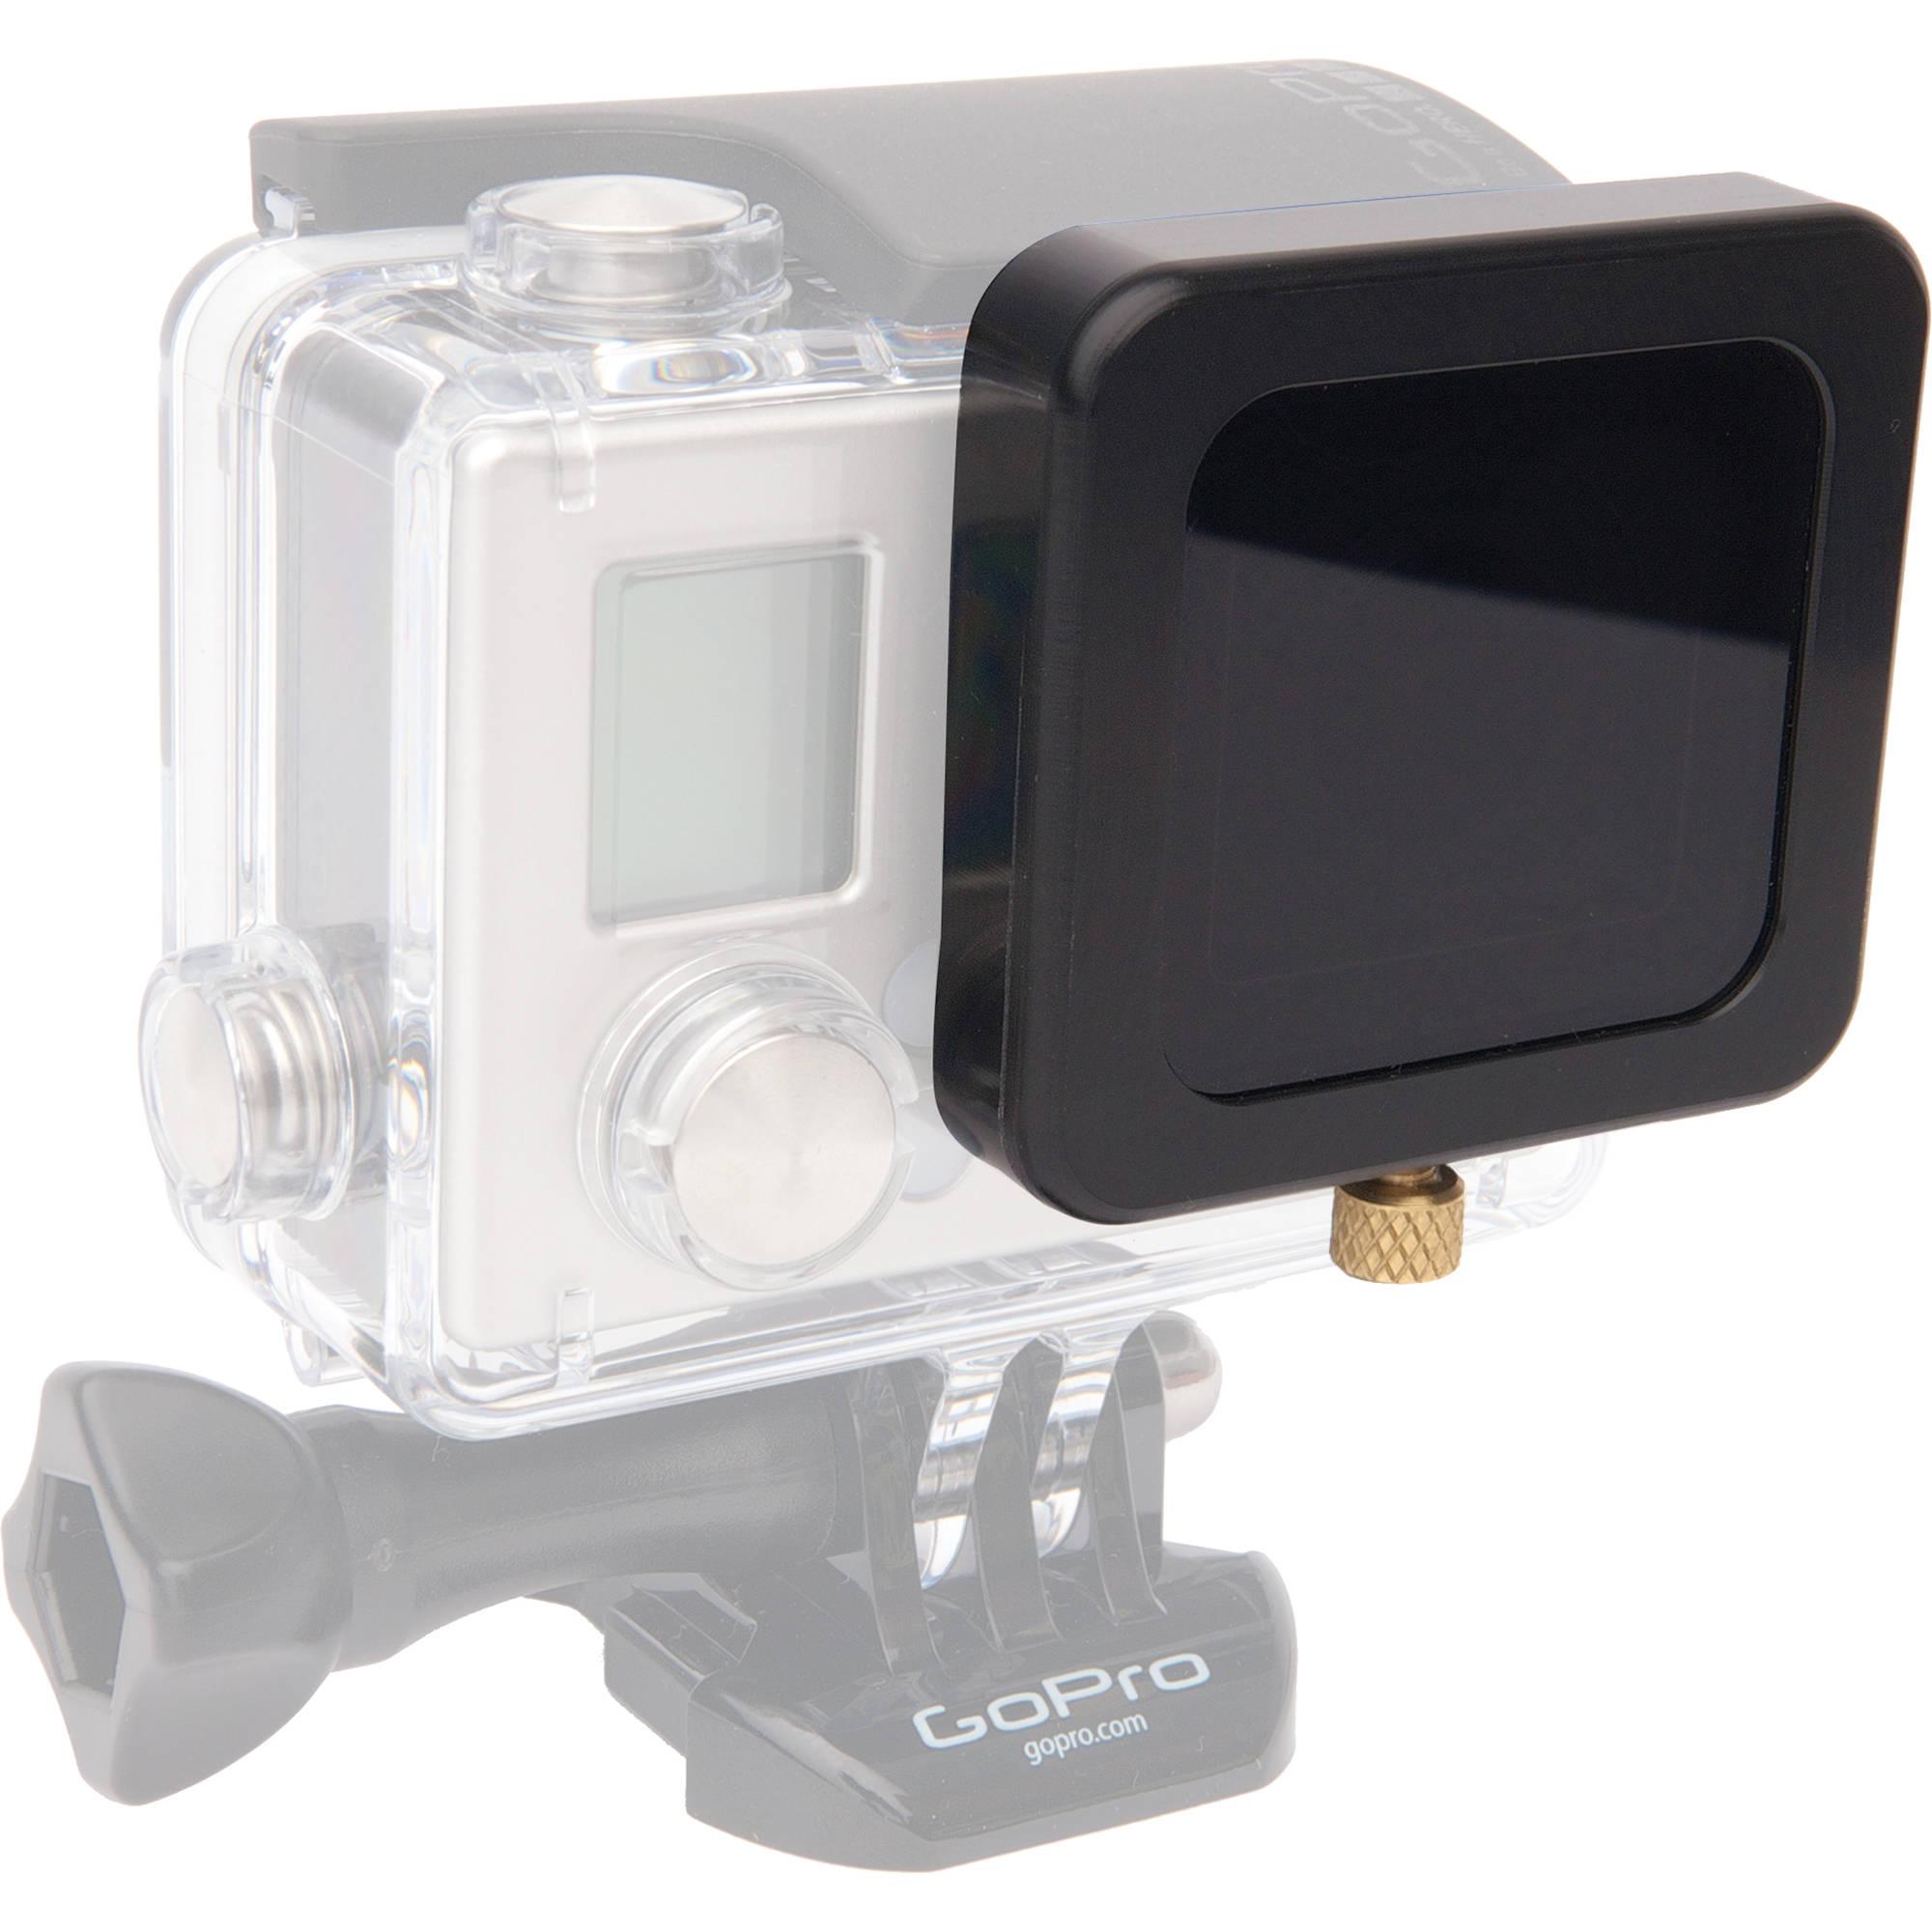 Formatt Hitech Filter Holder for GoPro Hero3 Camera HTGP33 B&H